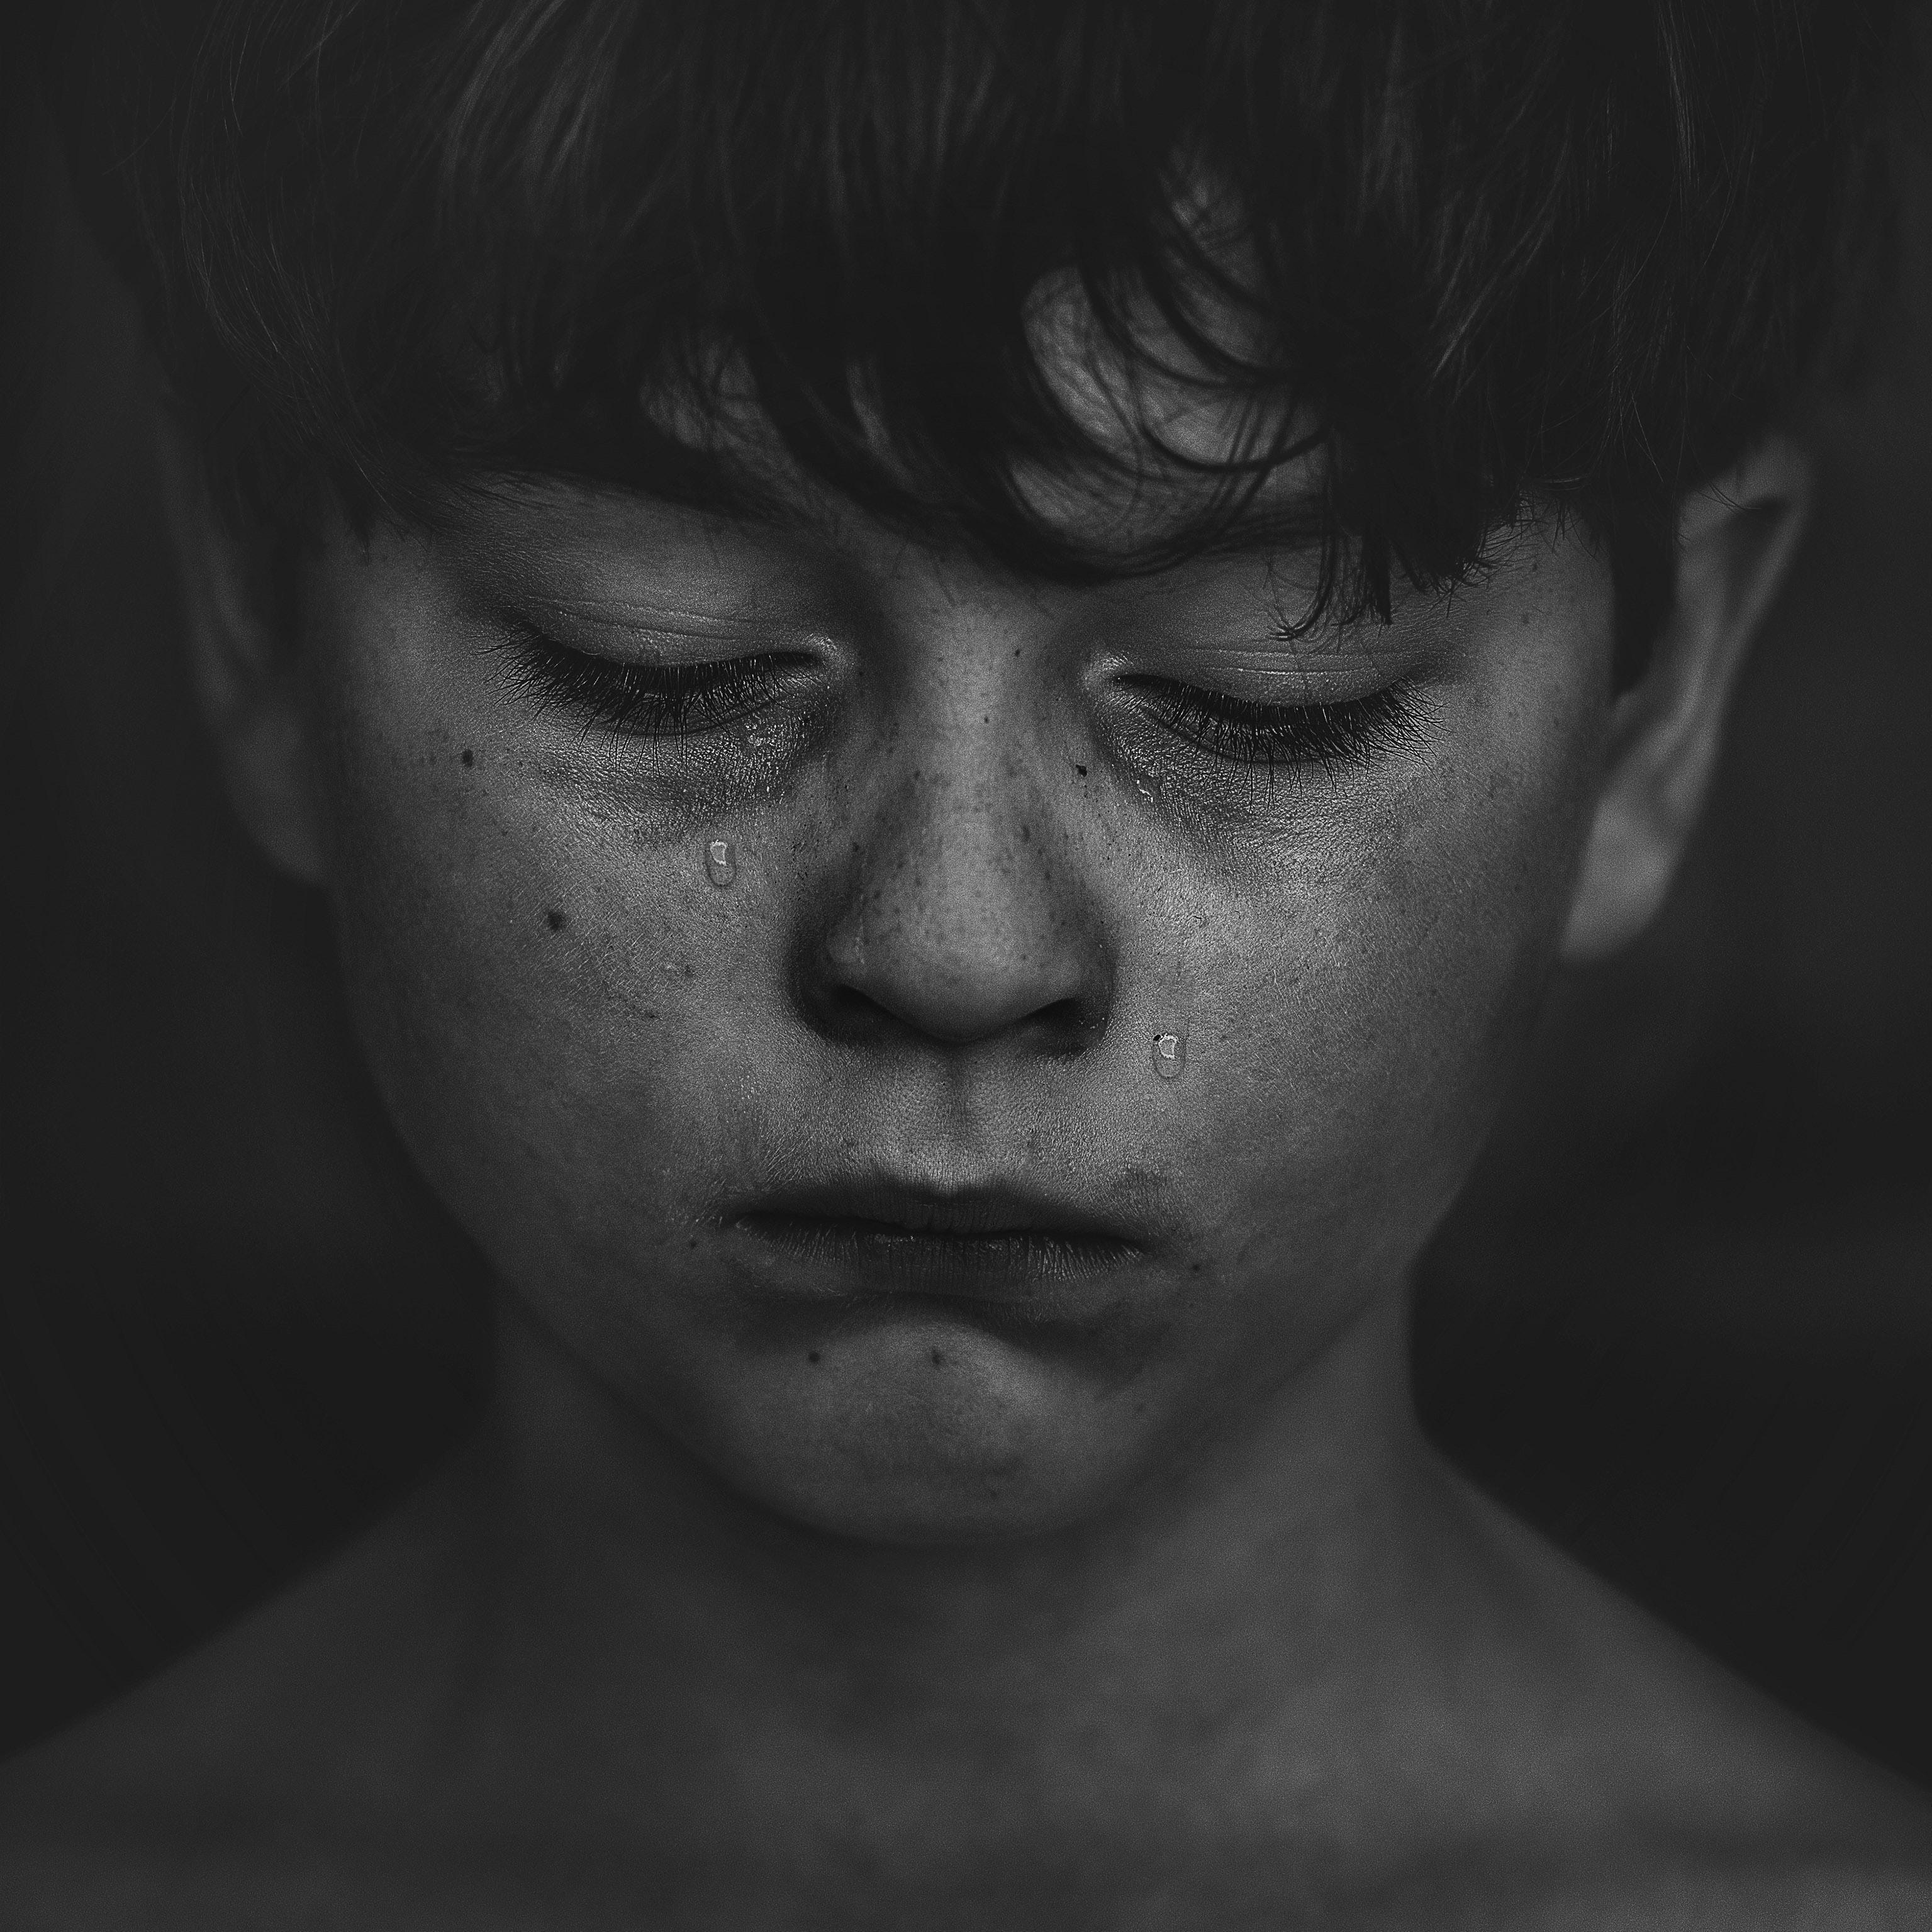 mi hijo sufre acoso escolar